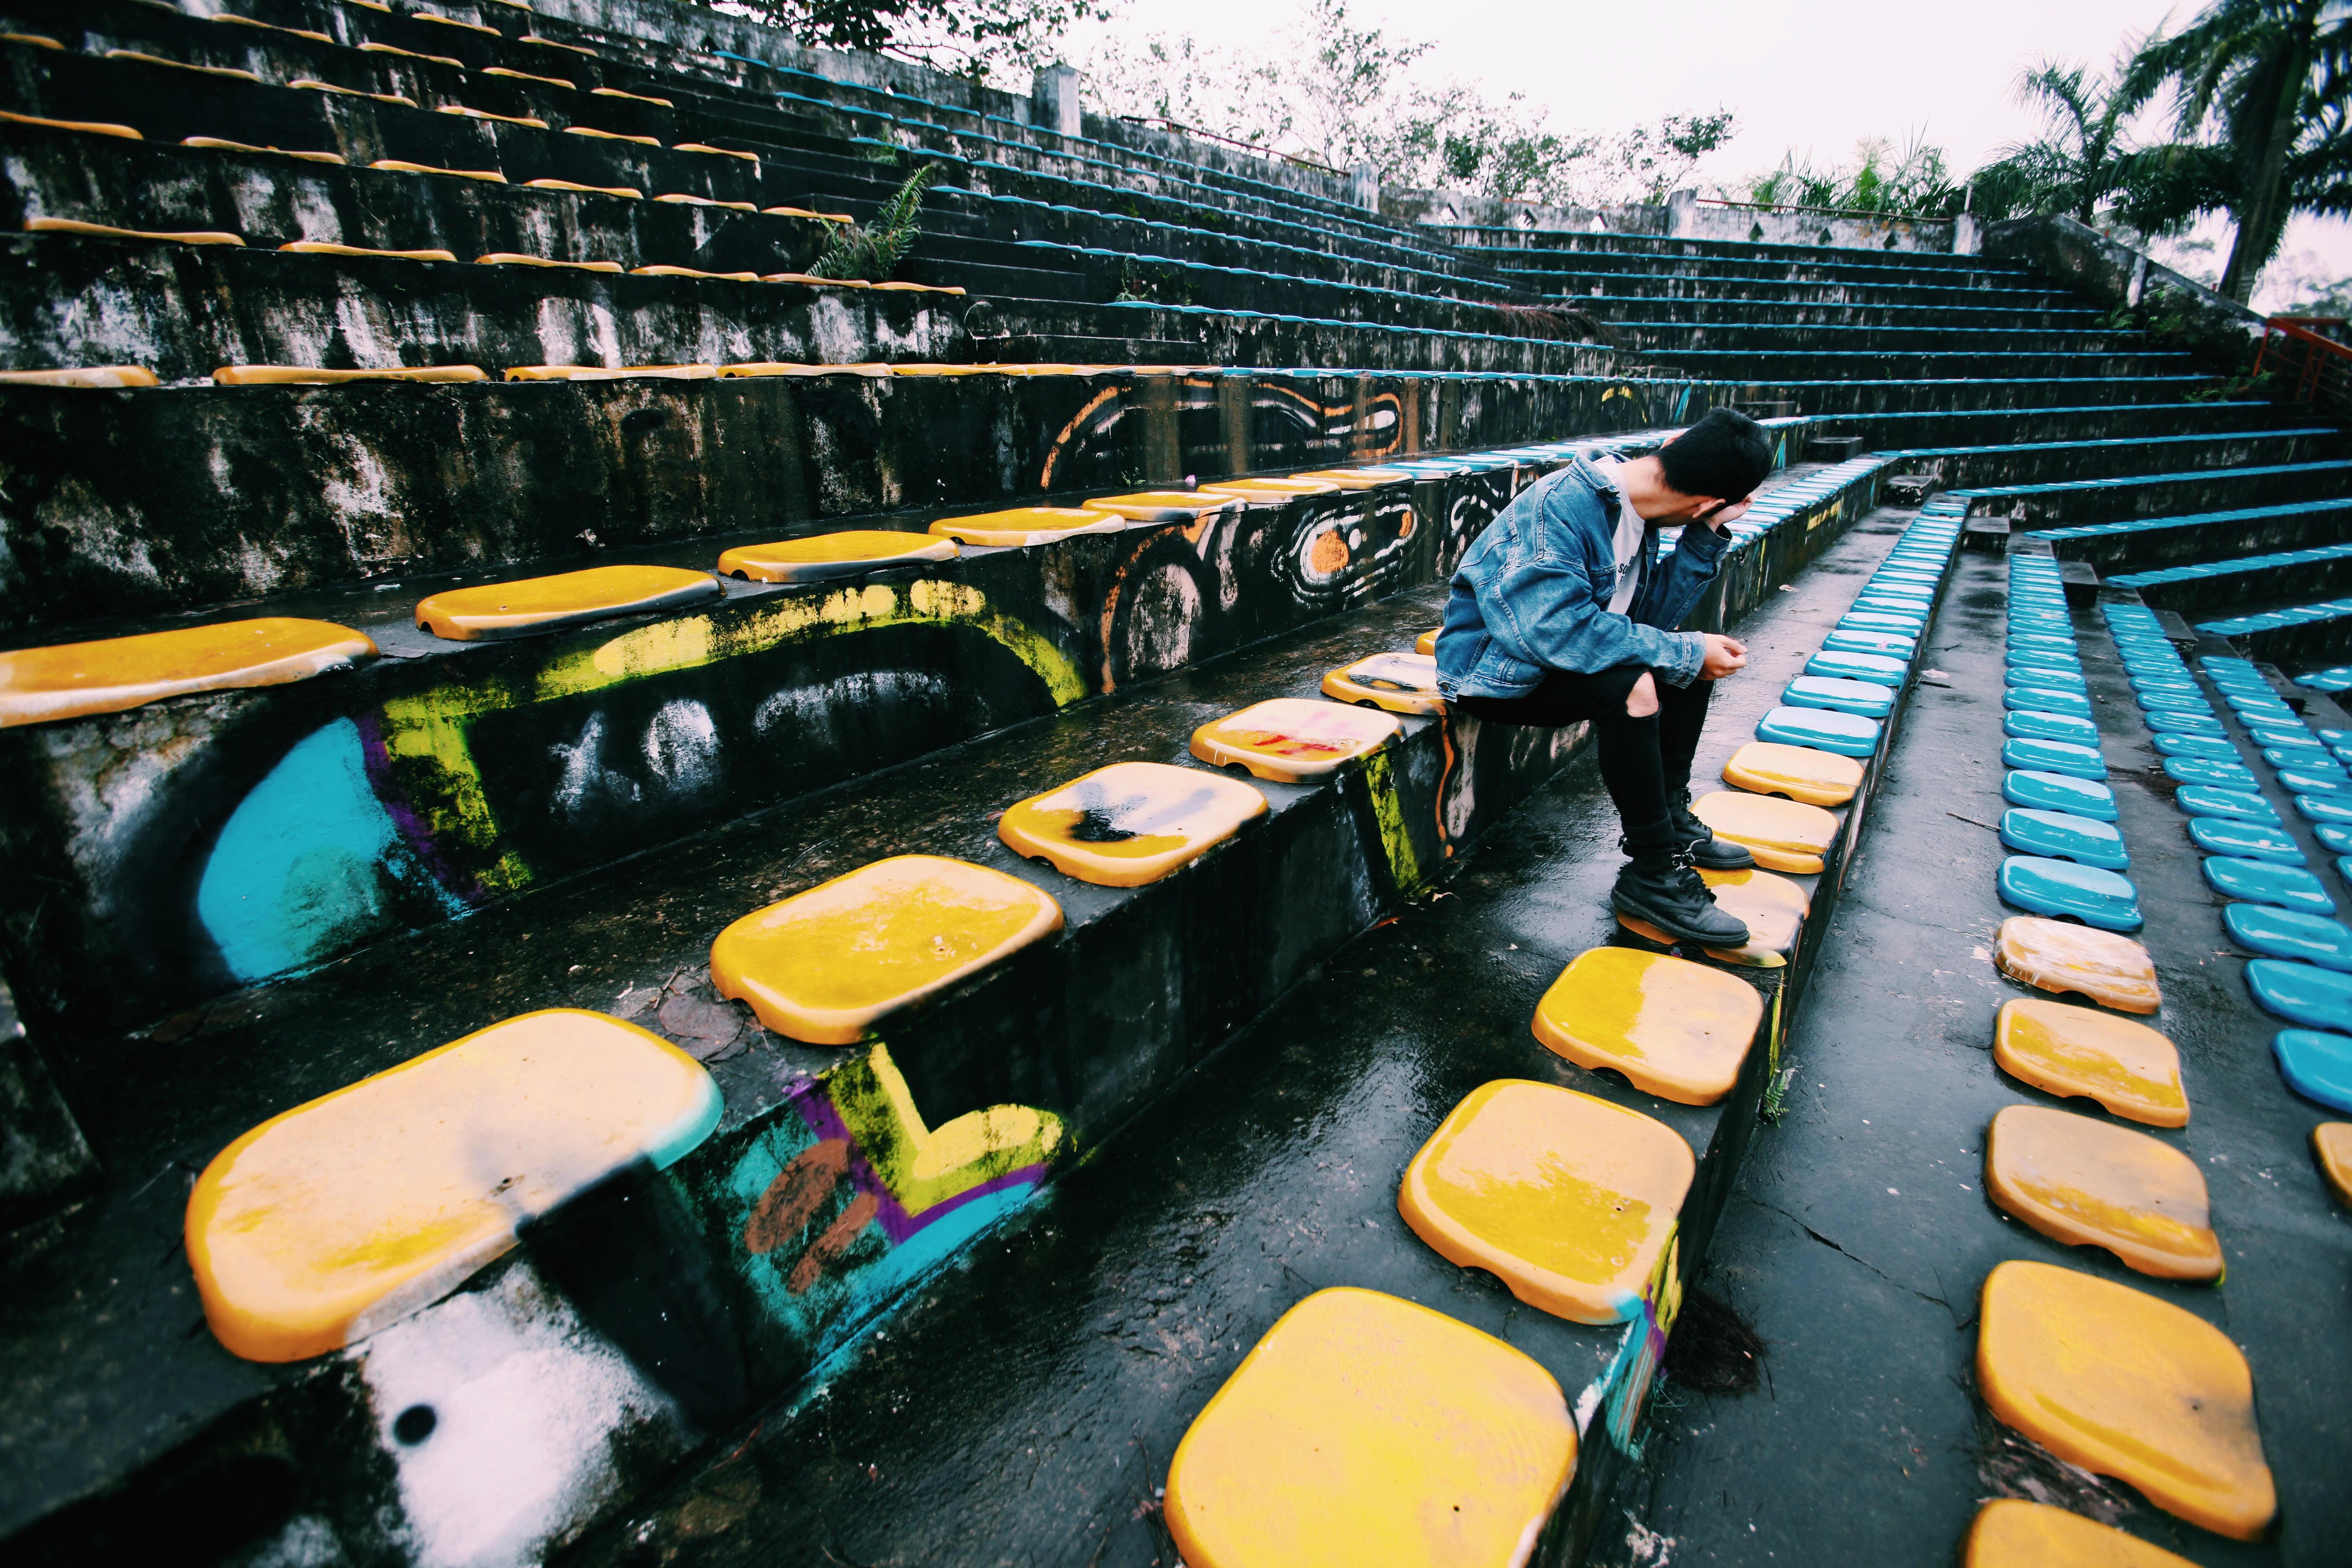 5 công trình bị bỏ hoang tại Việt Nam, muốn có những bức ảnh kì bí hết cả hồn thì nhất định phải đến! - Ảnh 31.